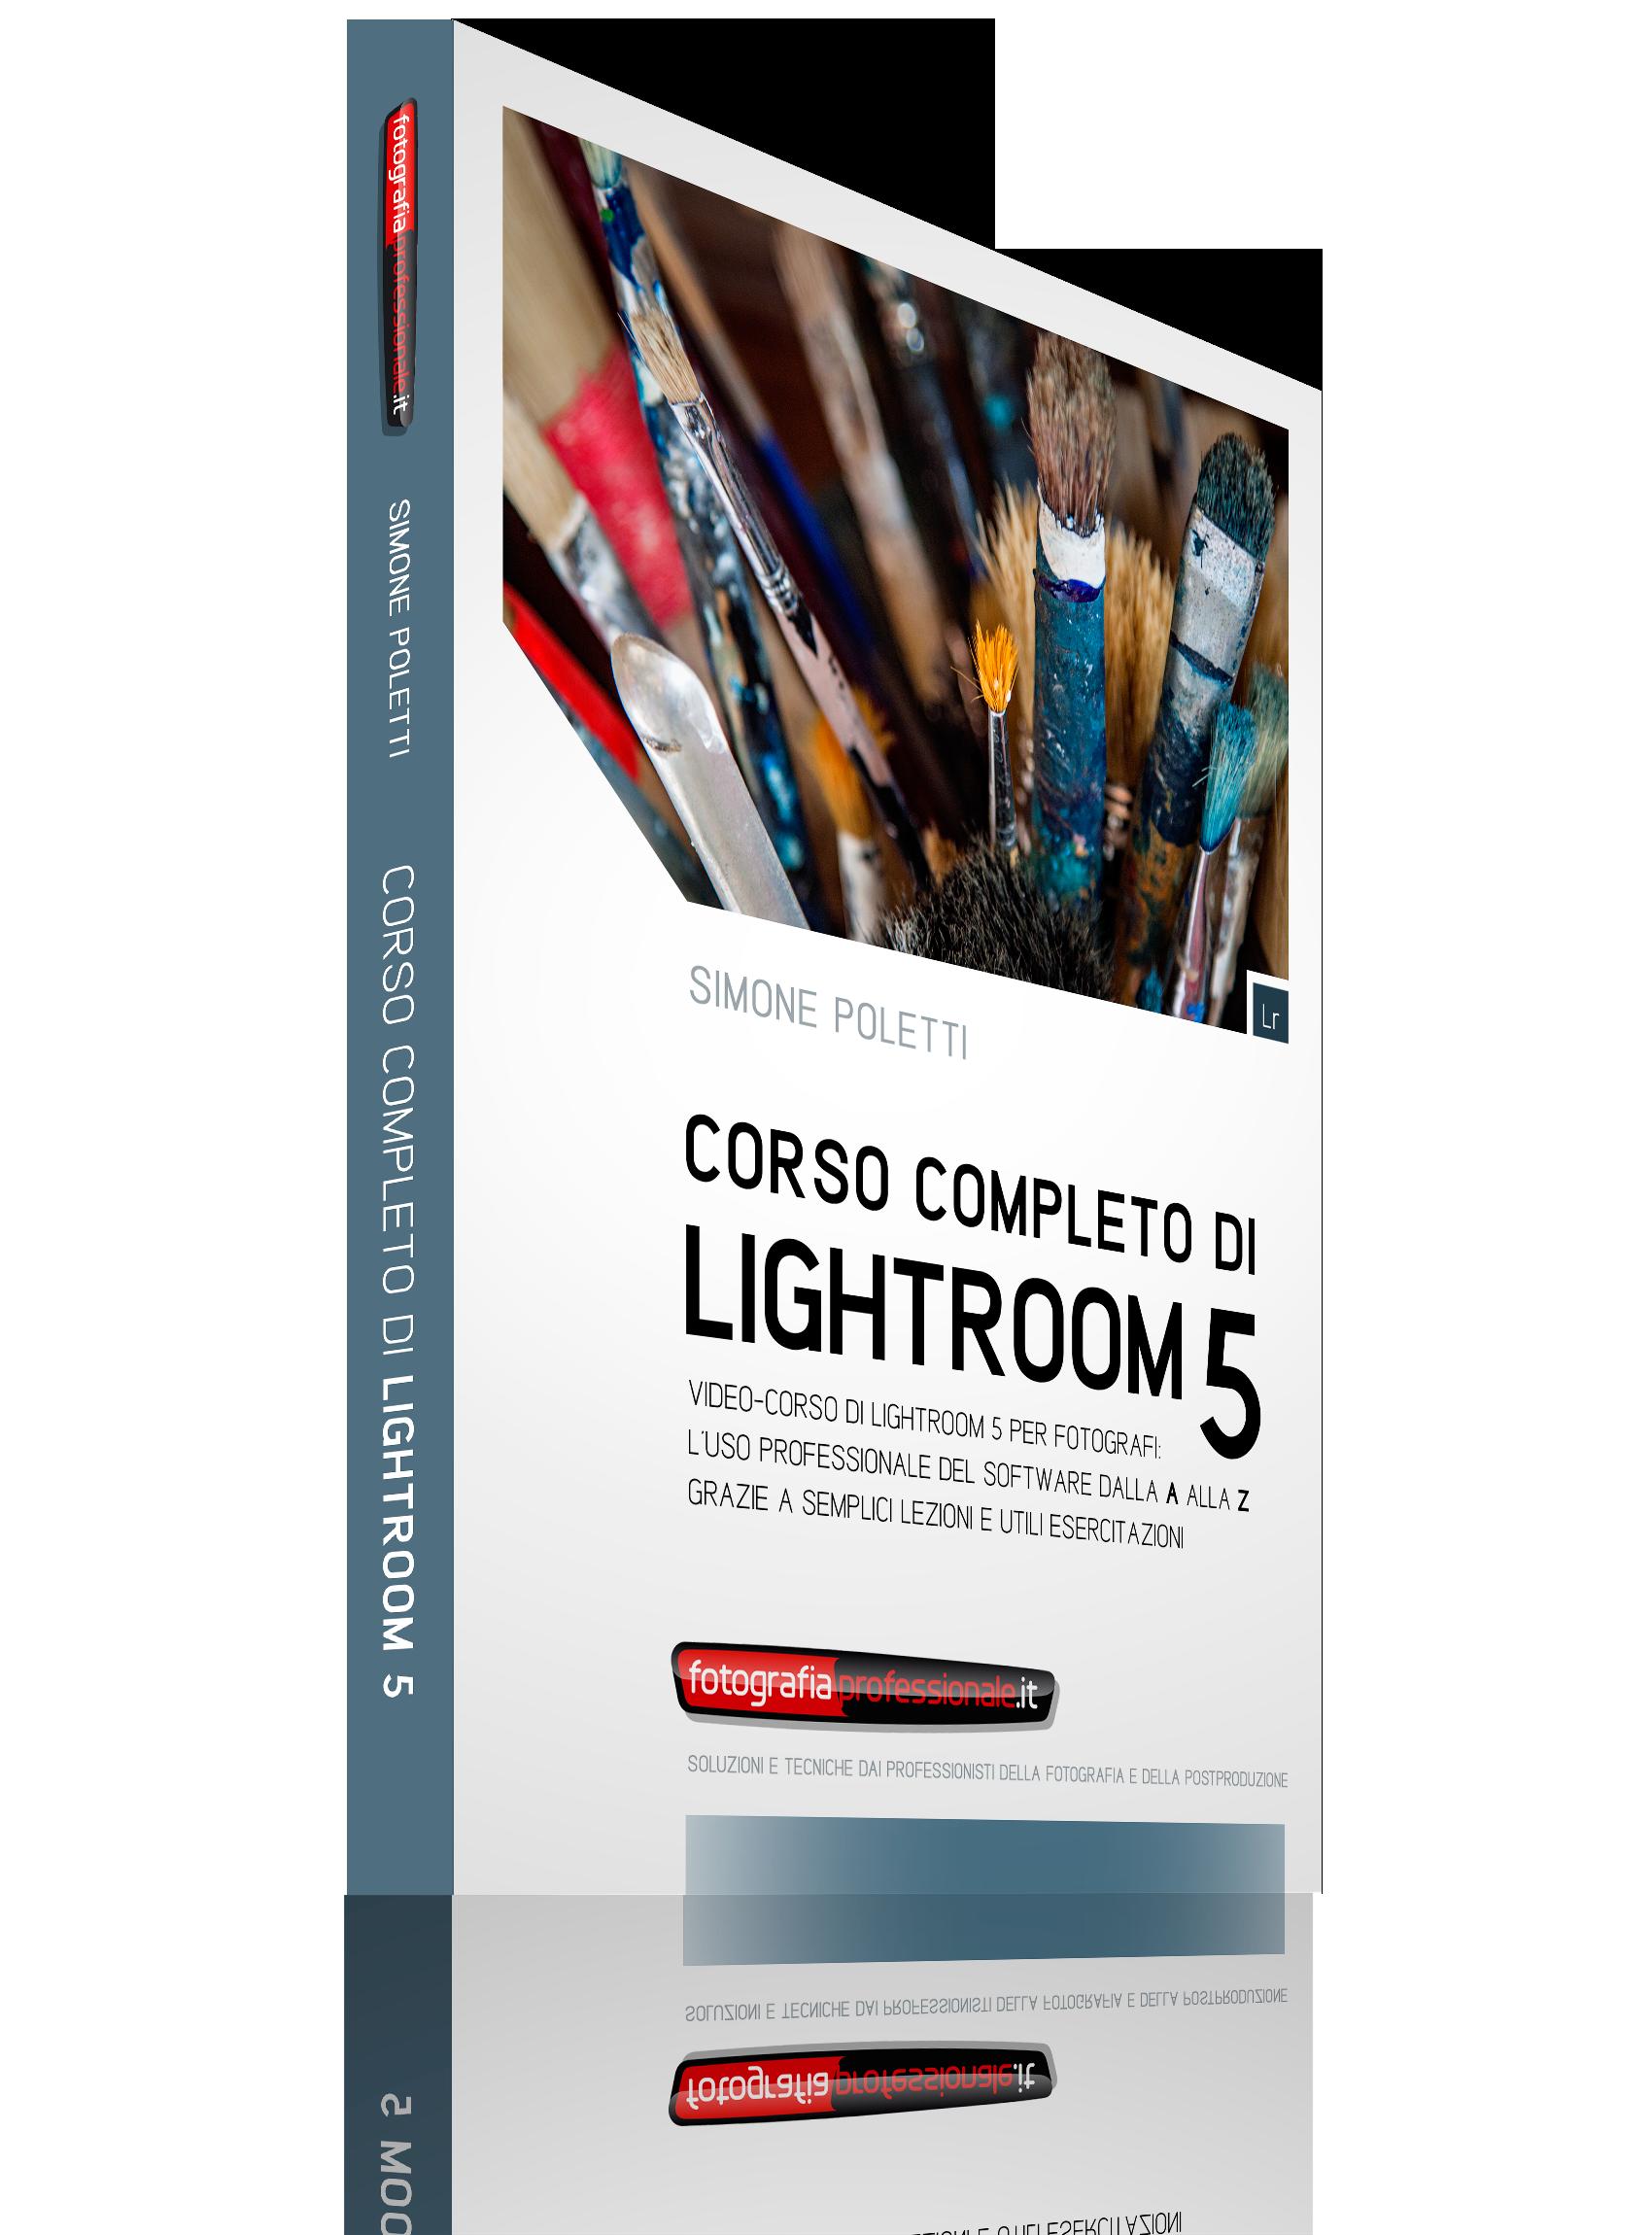 Corso Completo di Lightroom 5